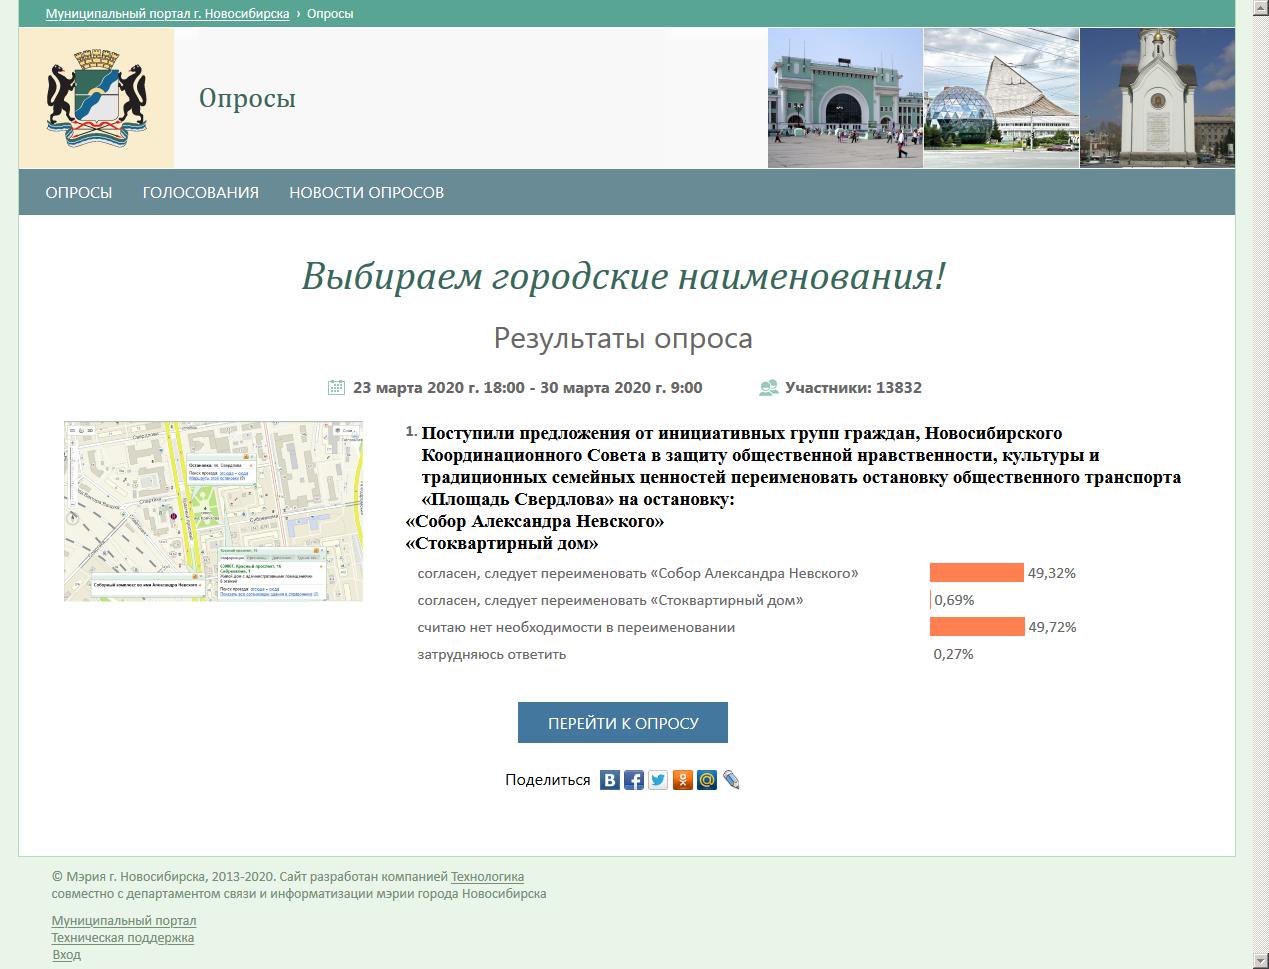 FS-20200328_11-06-n2291-Домашняя - Опросы-poll.novo-sibirsk.ru